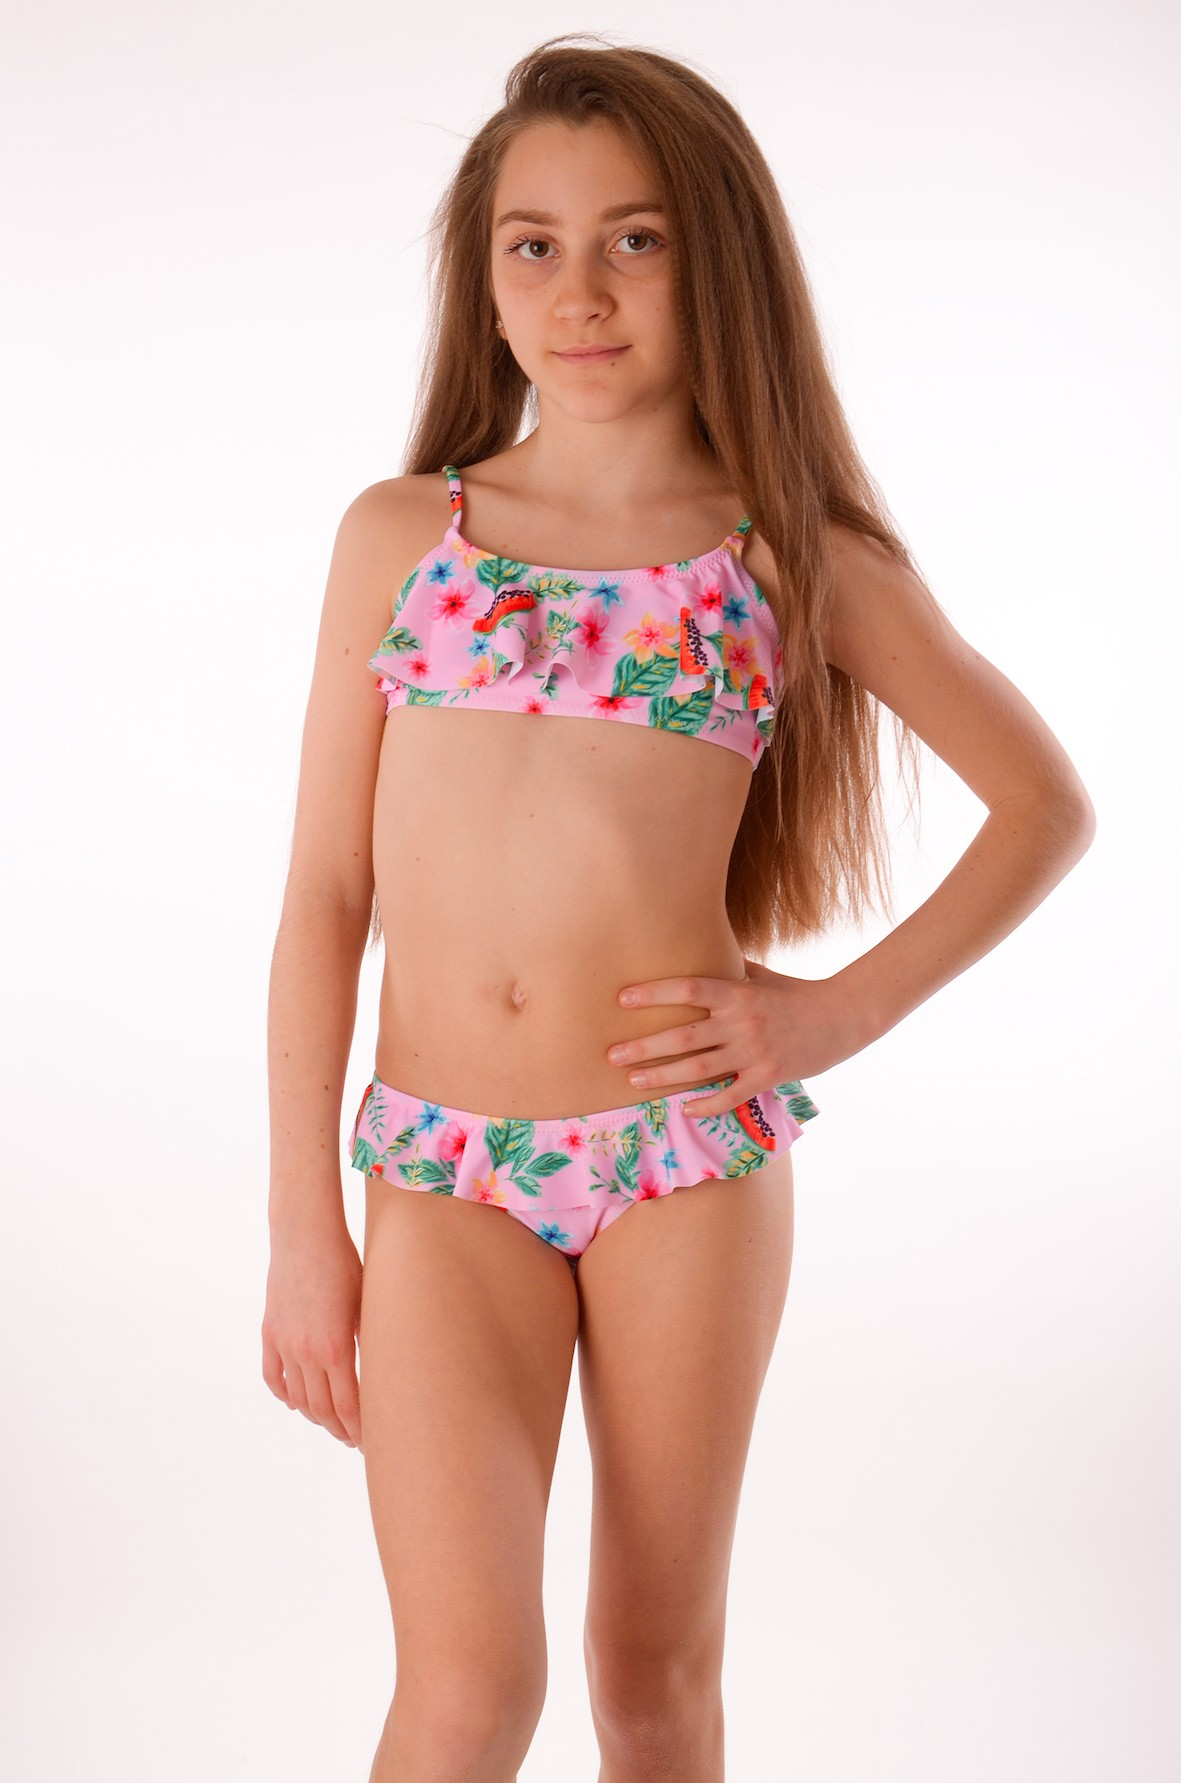 06b609accb392 Розовый детский купальник Keyzi Fruits R Розовый детский купальник Keyzi  Fruits R ...